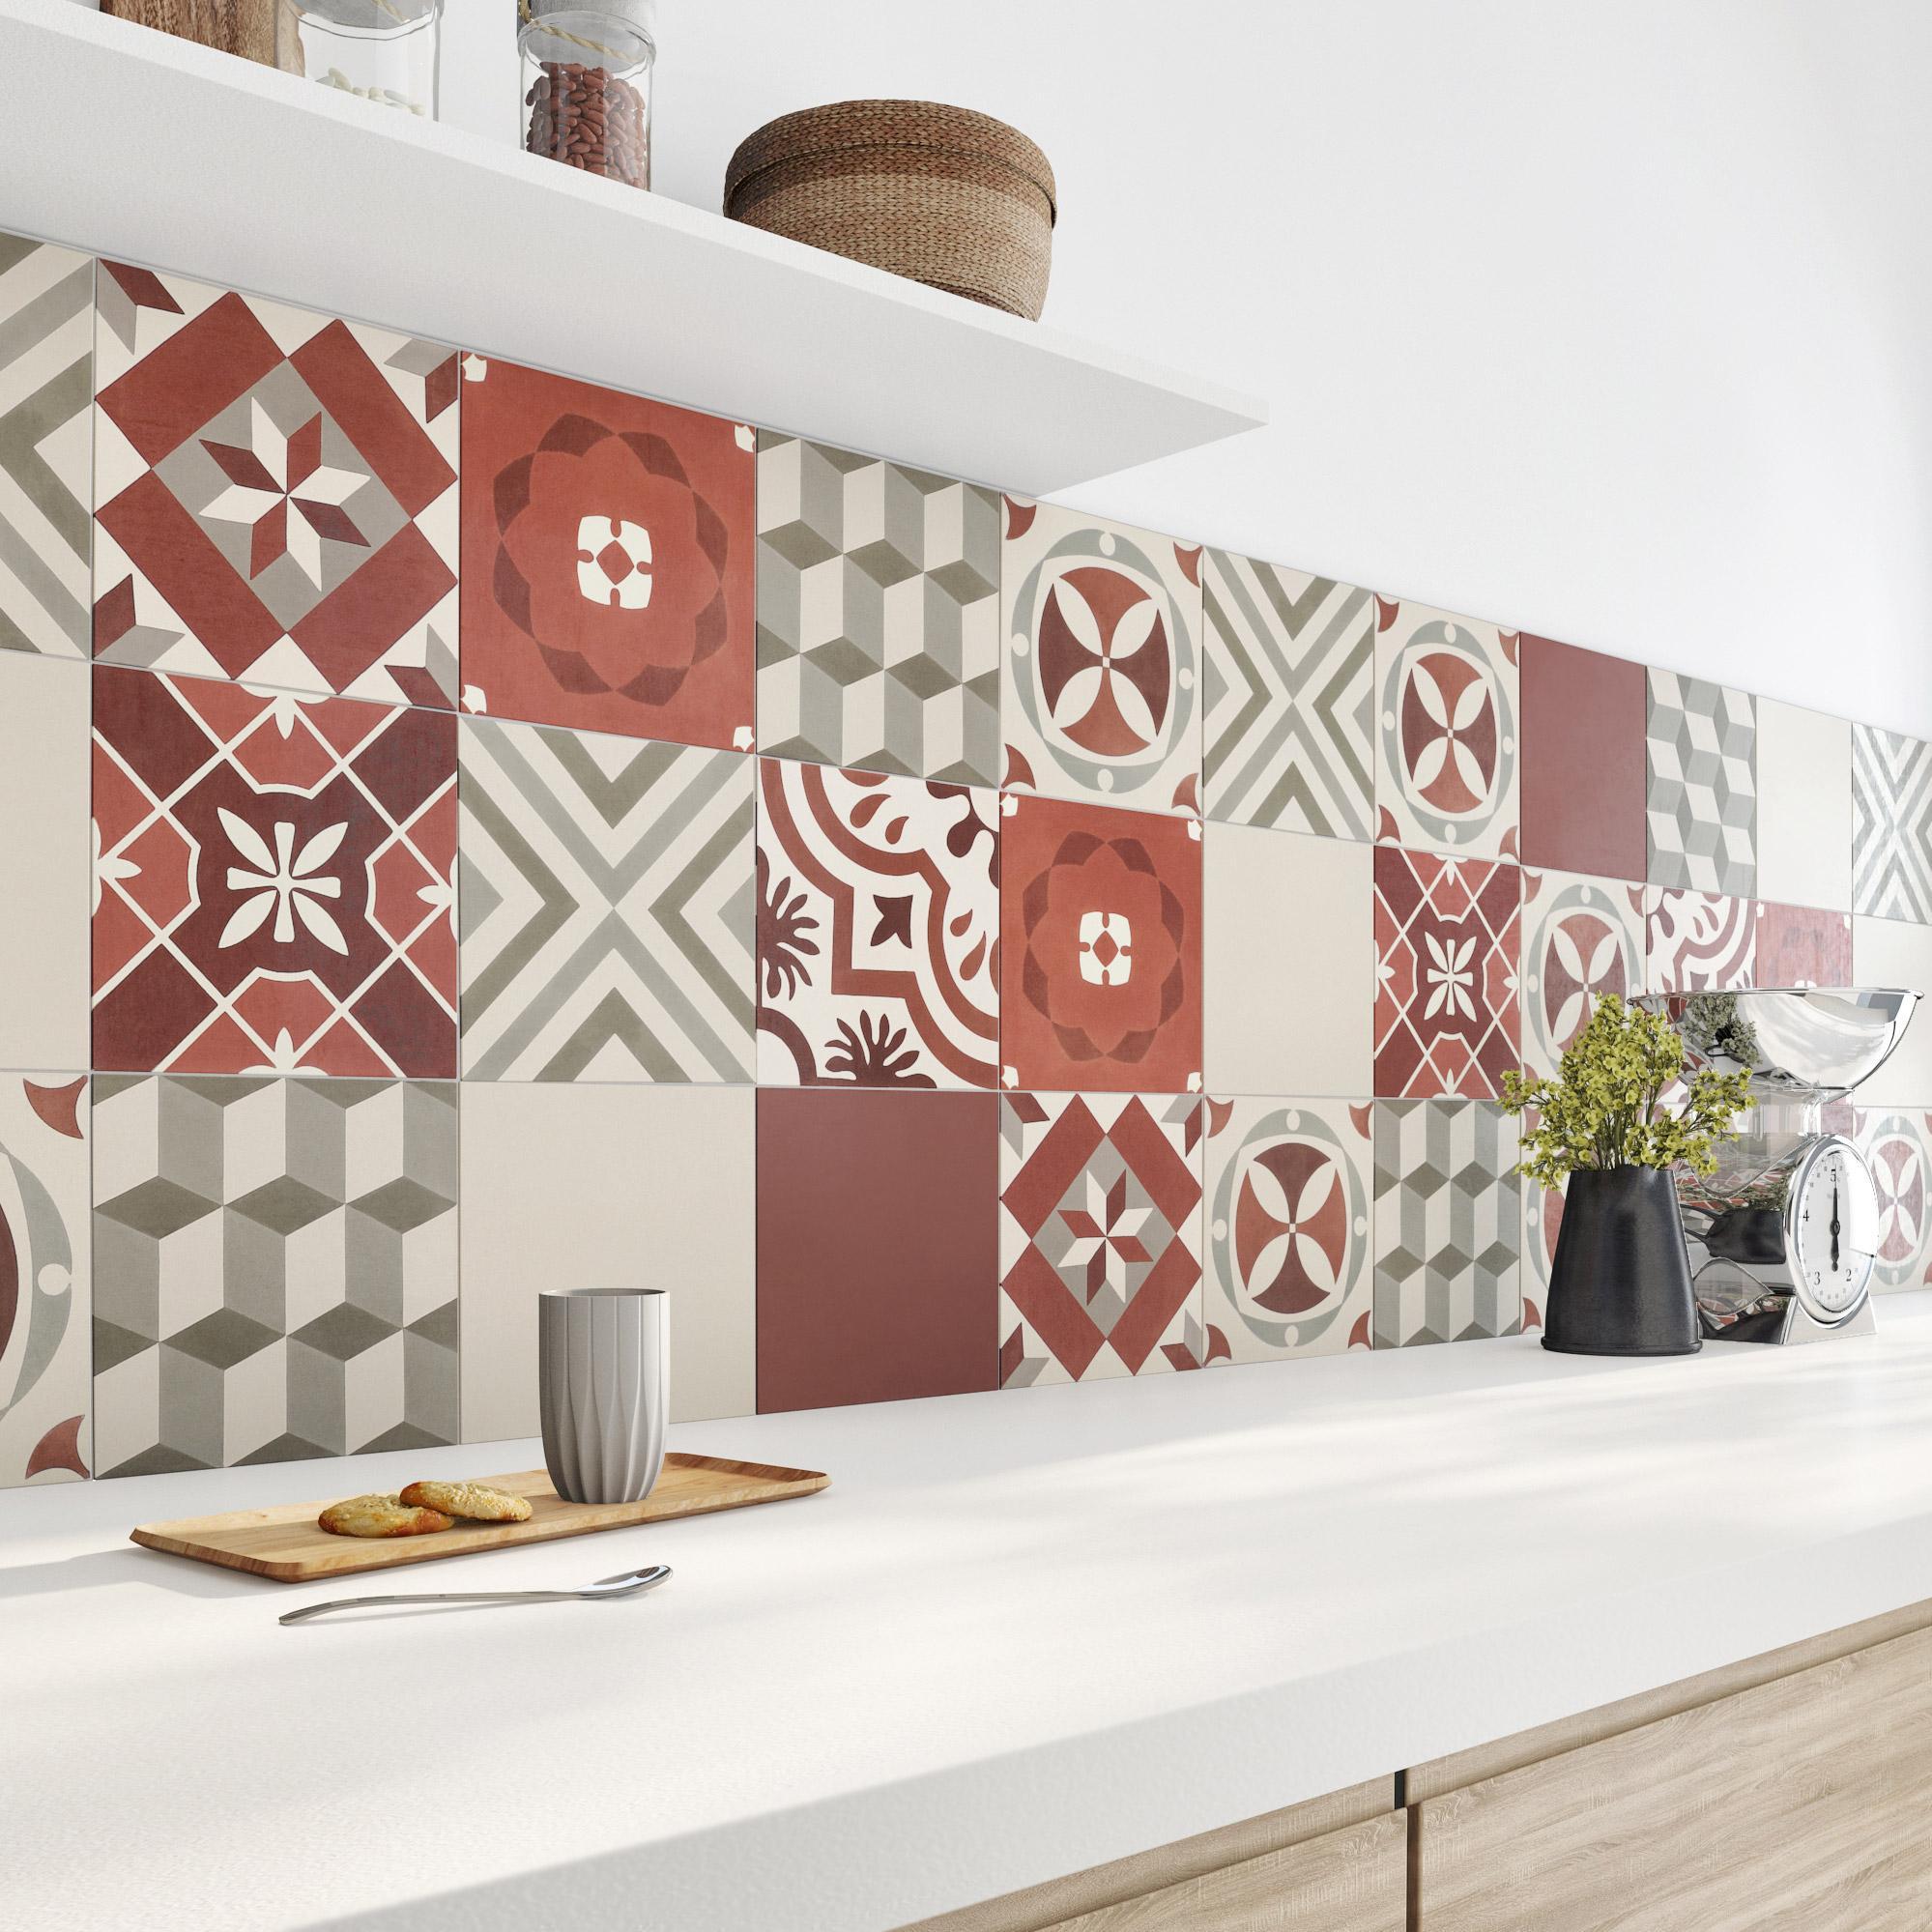 Carreau de ciment mur multicolore Belle epoque l.20 x L.20 cm